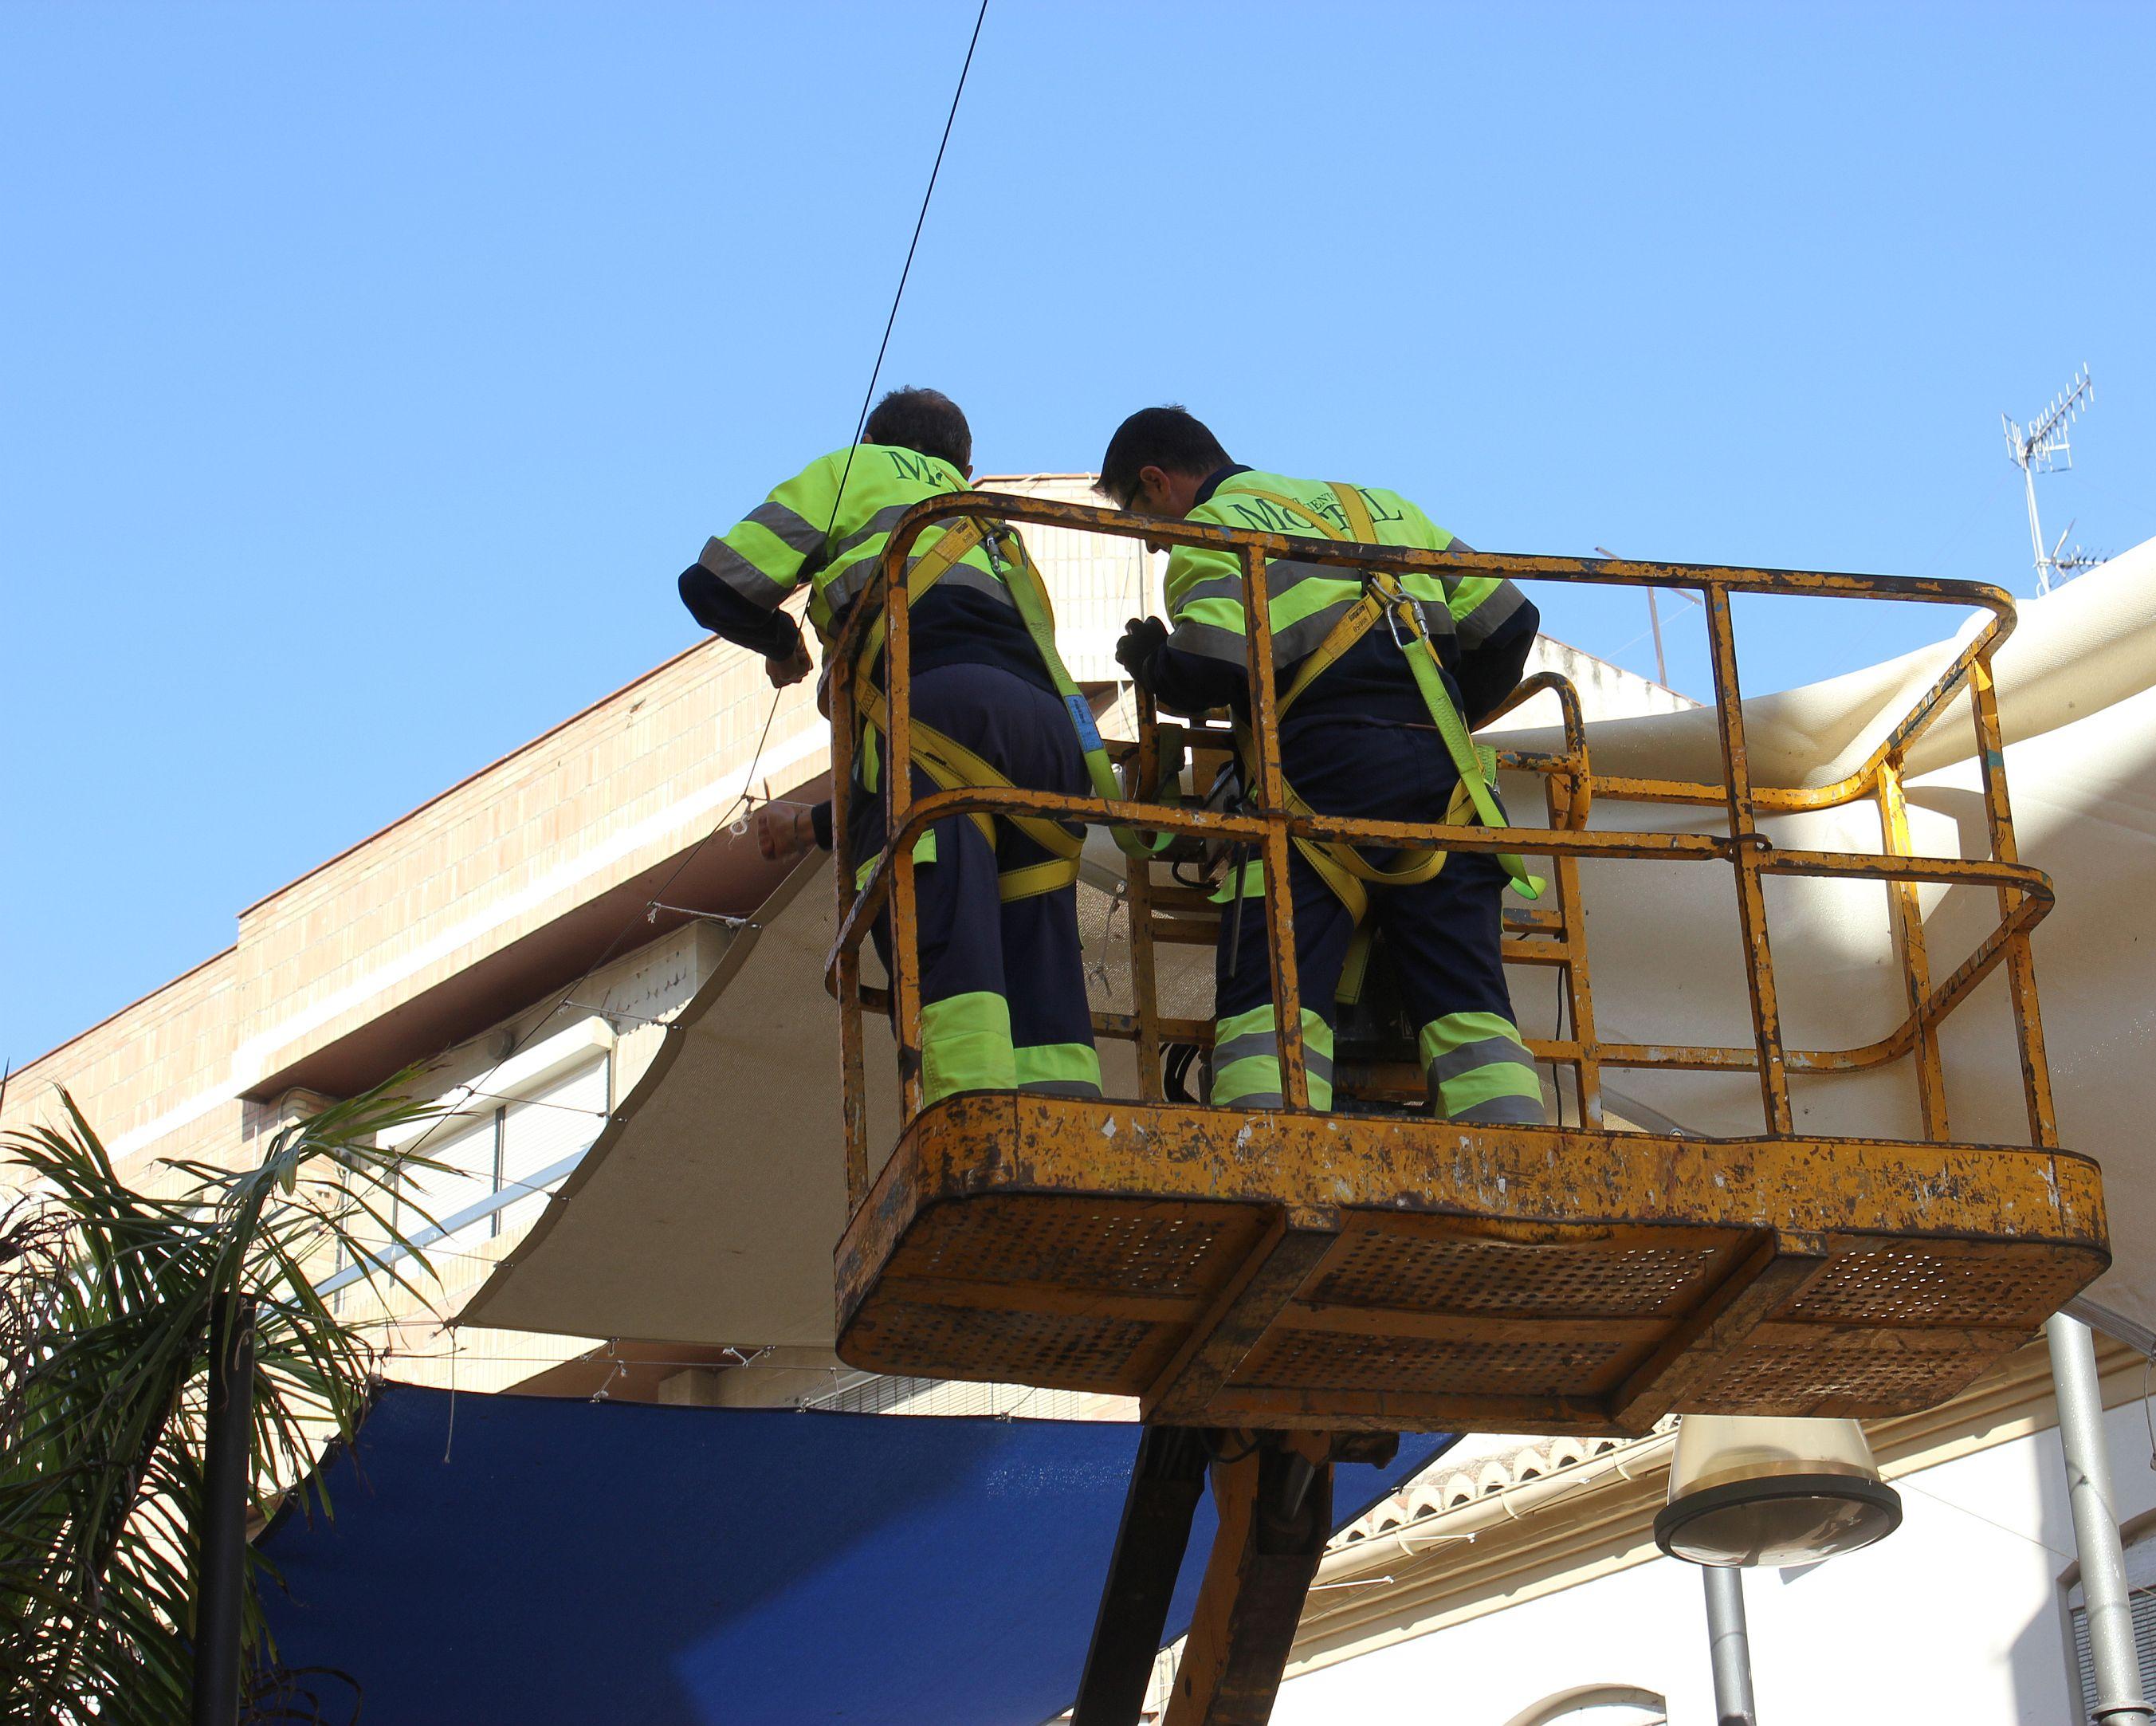 operarios-municipales-procediendo-a-la-retirada-de-toldos